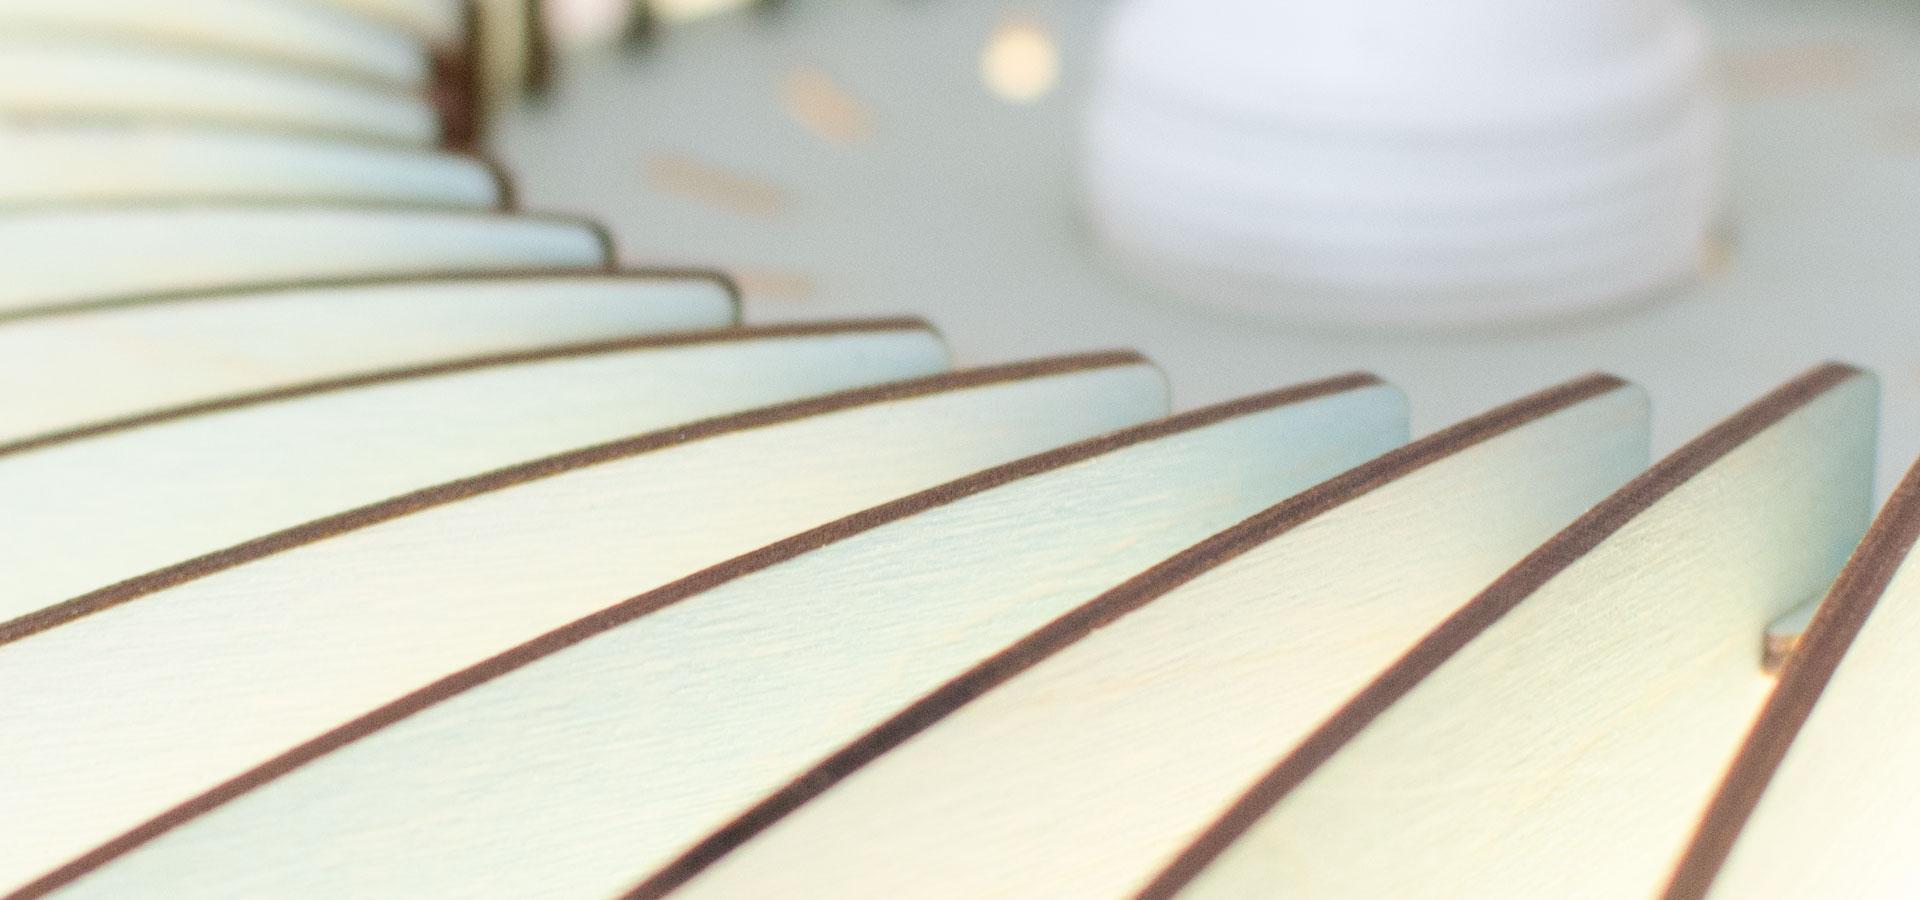 Hängelampe aus Holz NEFI